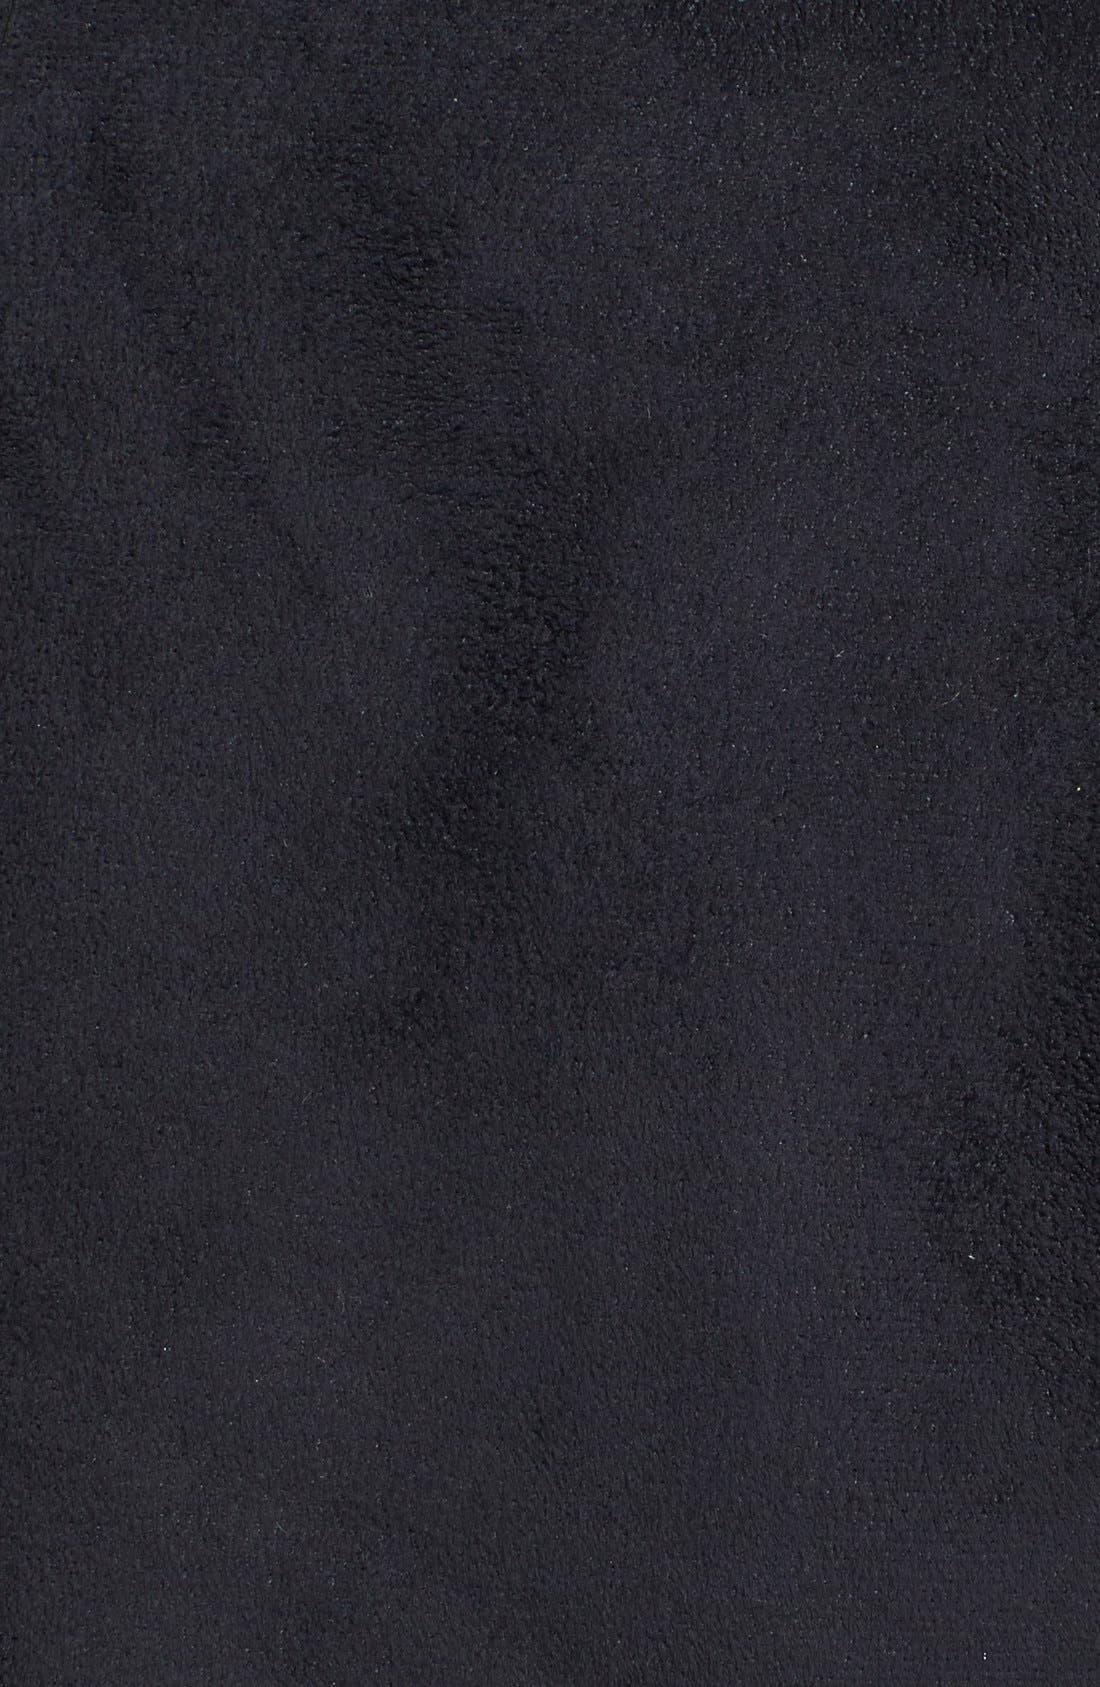 Faux Fur Trim Faux Suede Jacket,                             Alternate thumbnail 3, color,